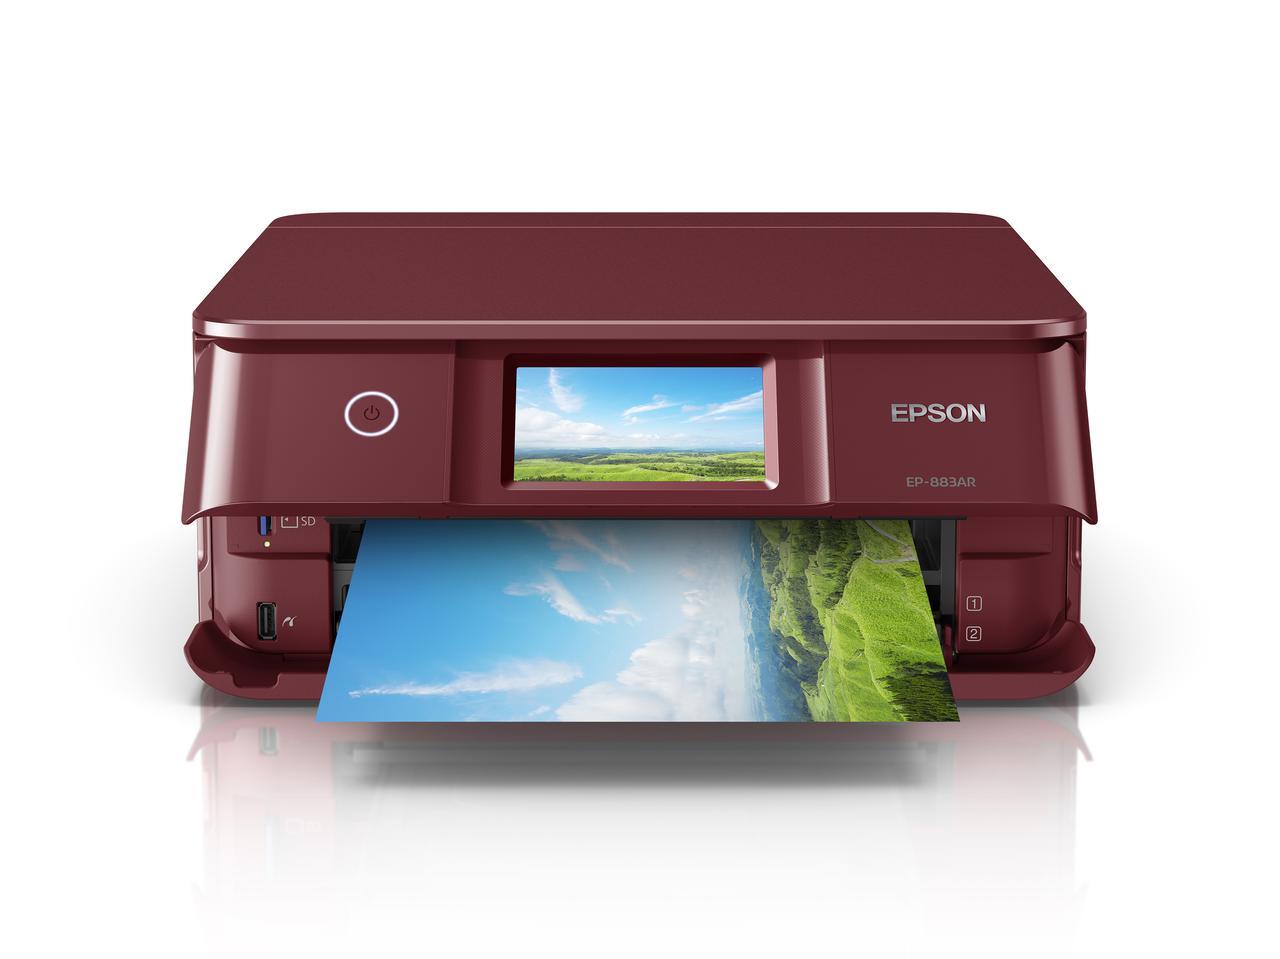 画像3: エプソンは家庭用インクジェットプリンター8種類10モデル発表。 発売は2020年10月22日(木)より順次。